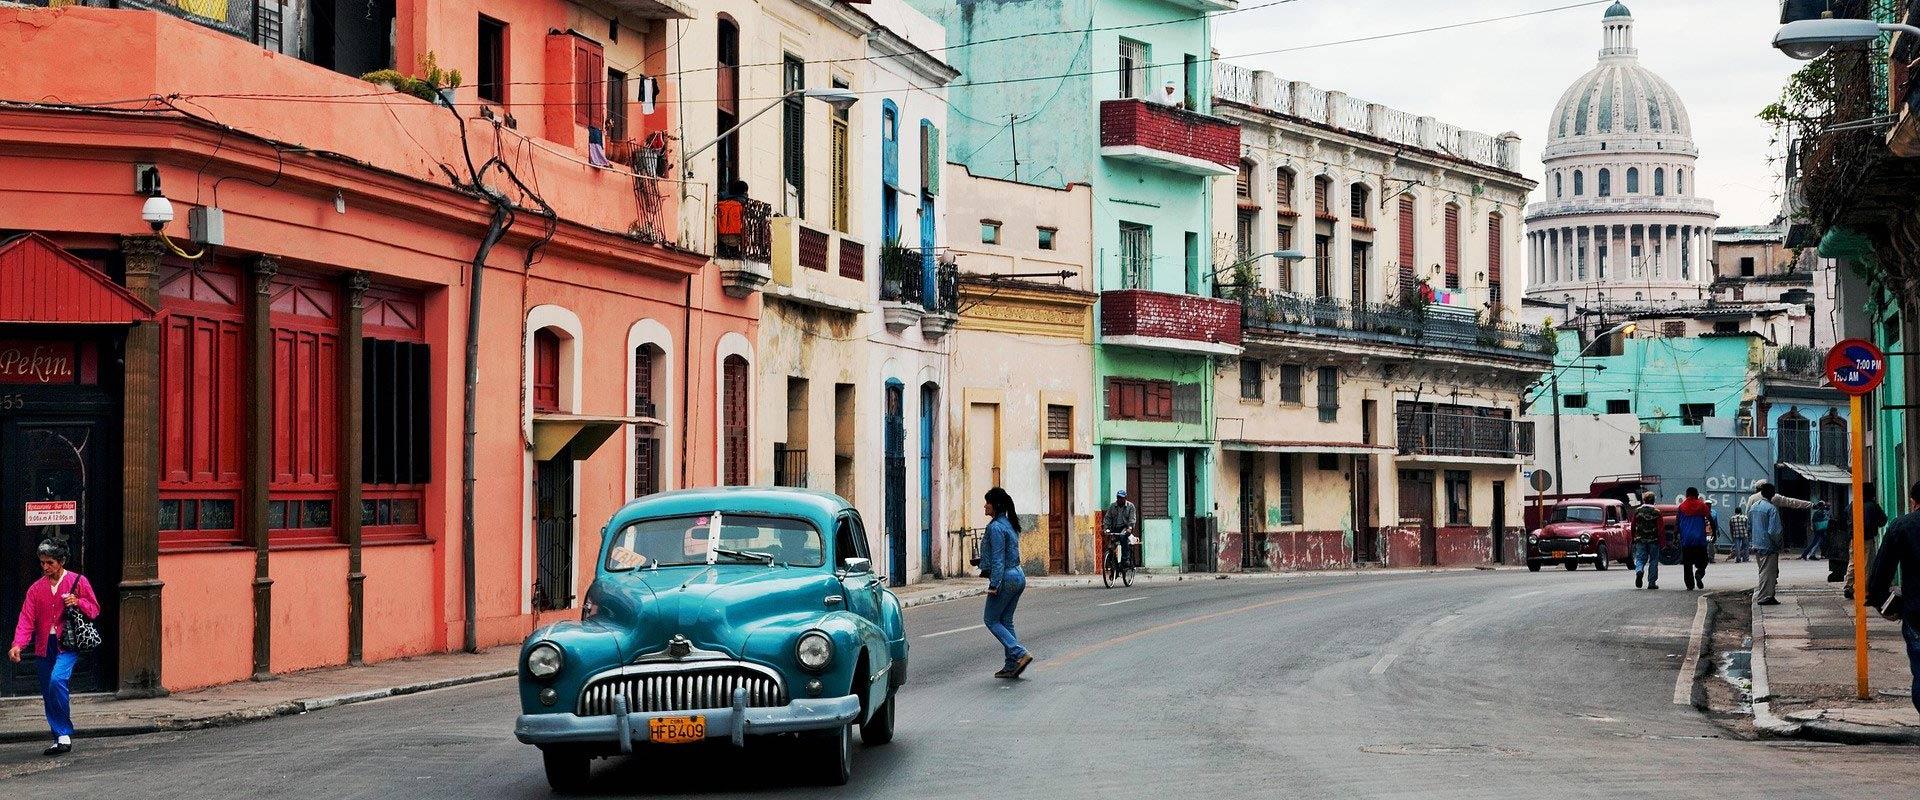 Cuba la Havana